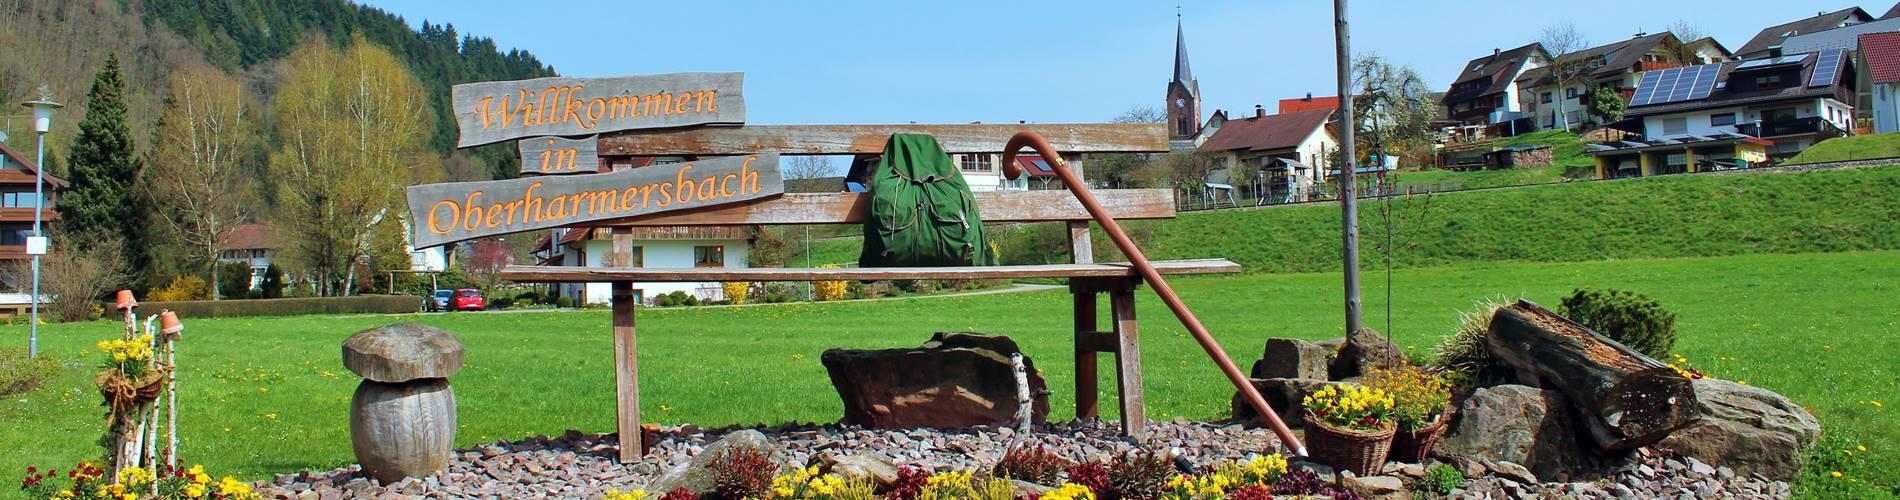 Willkommen in Oberharmersbach